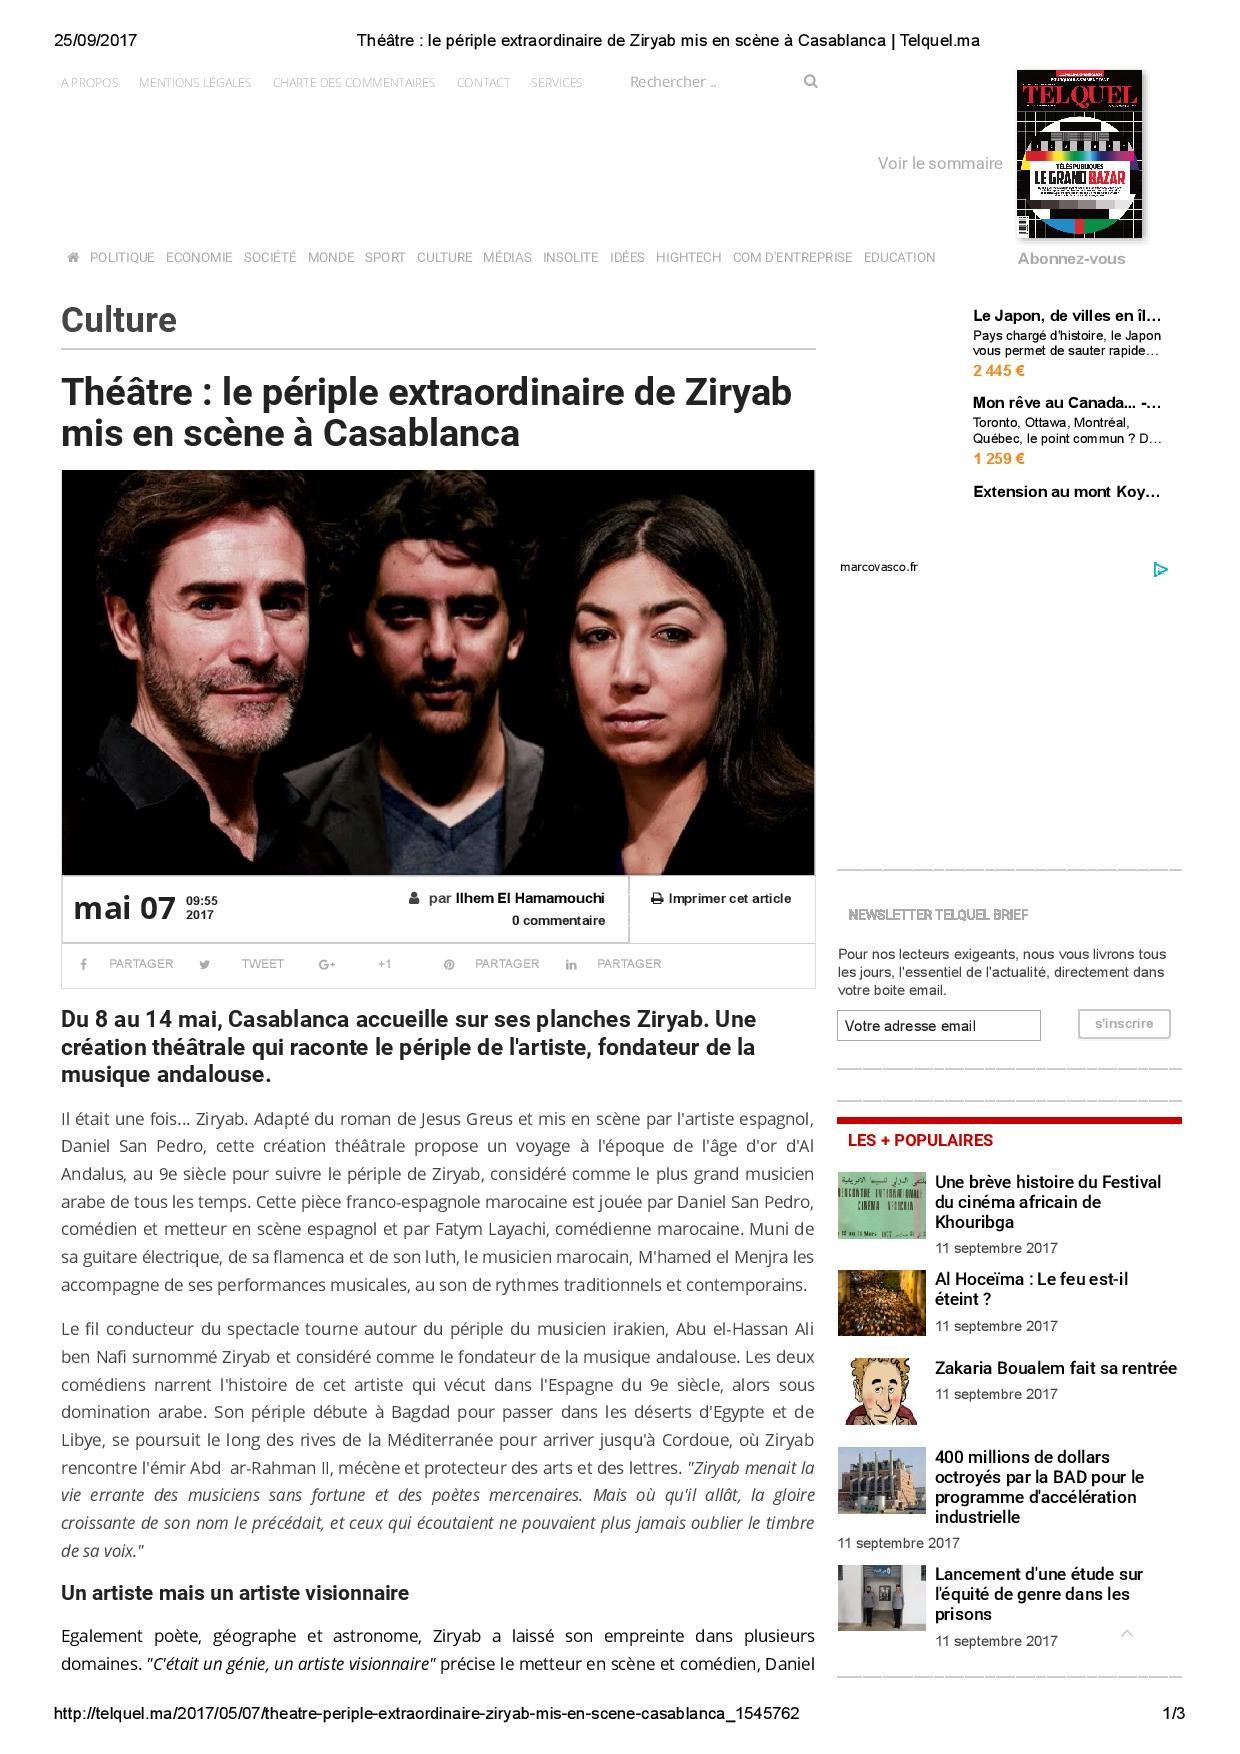 Théâtre _ le périple extraordinaire de Ziryab mis en scène à Casablanca _ Telquel-page-001.jpg